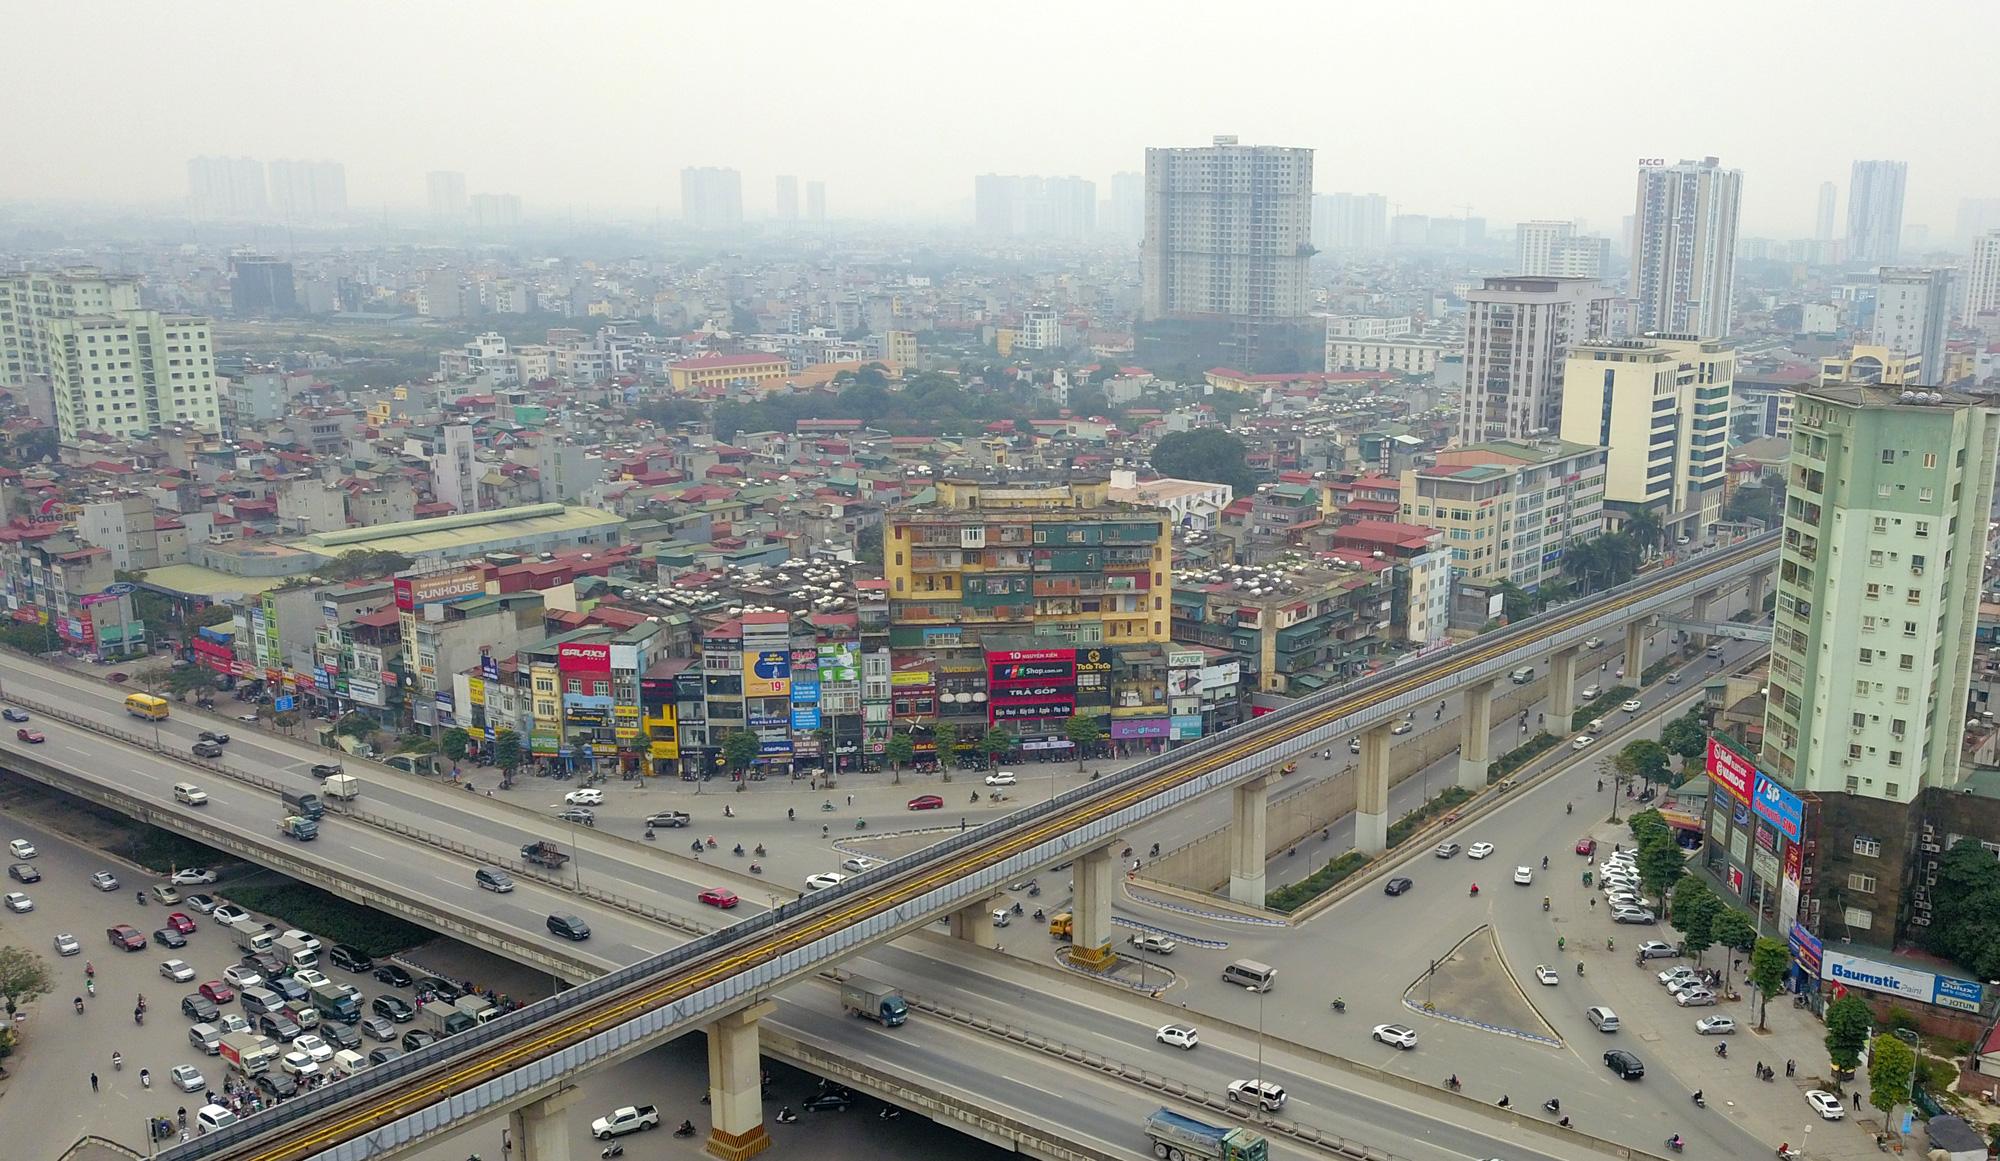 Vinaconex đề xuất xây mới 6 toà chung cư, cao nhất 50 tầng tại  - Ảnh 1.